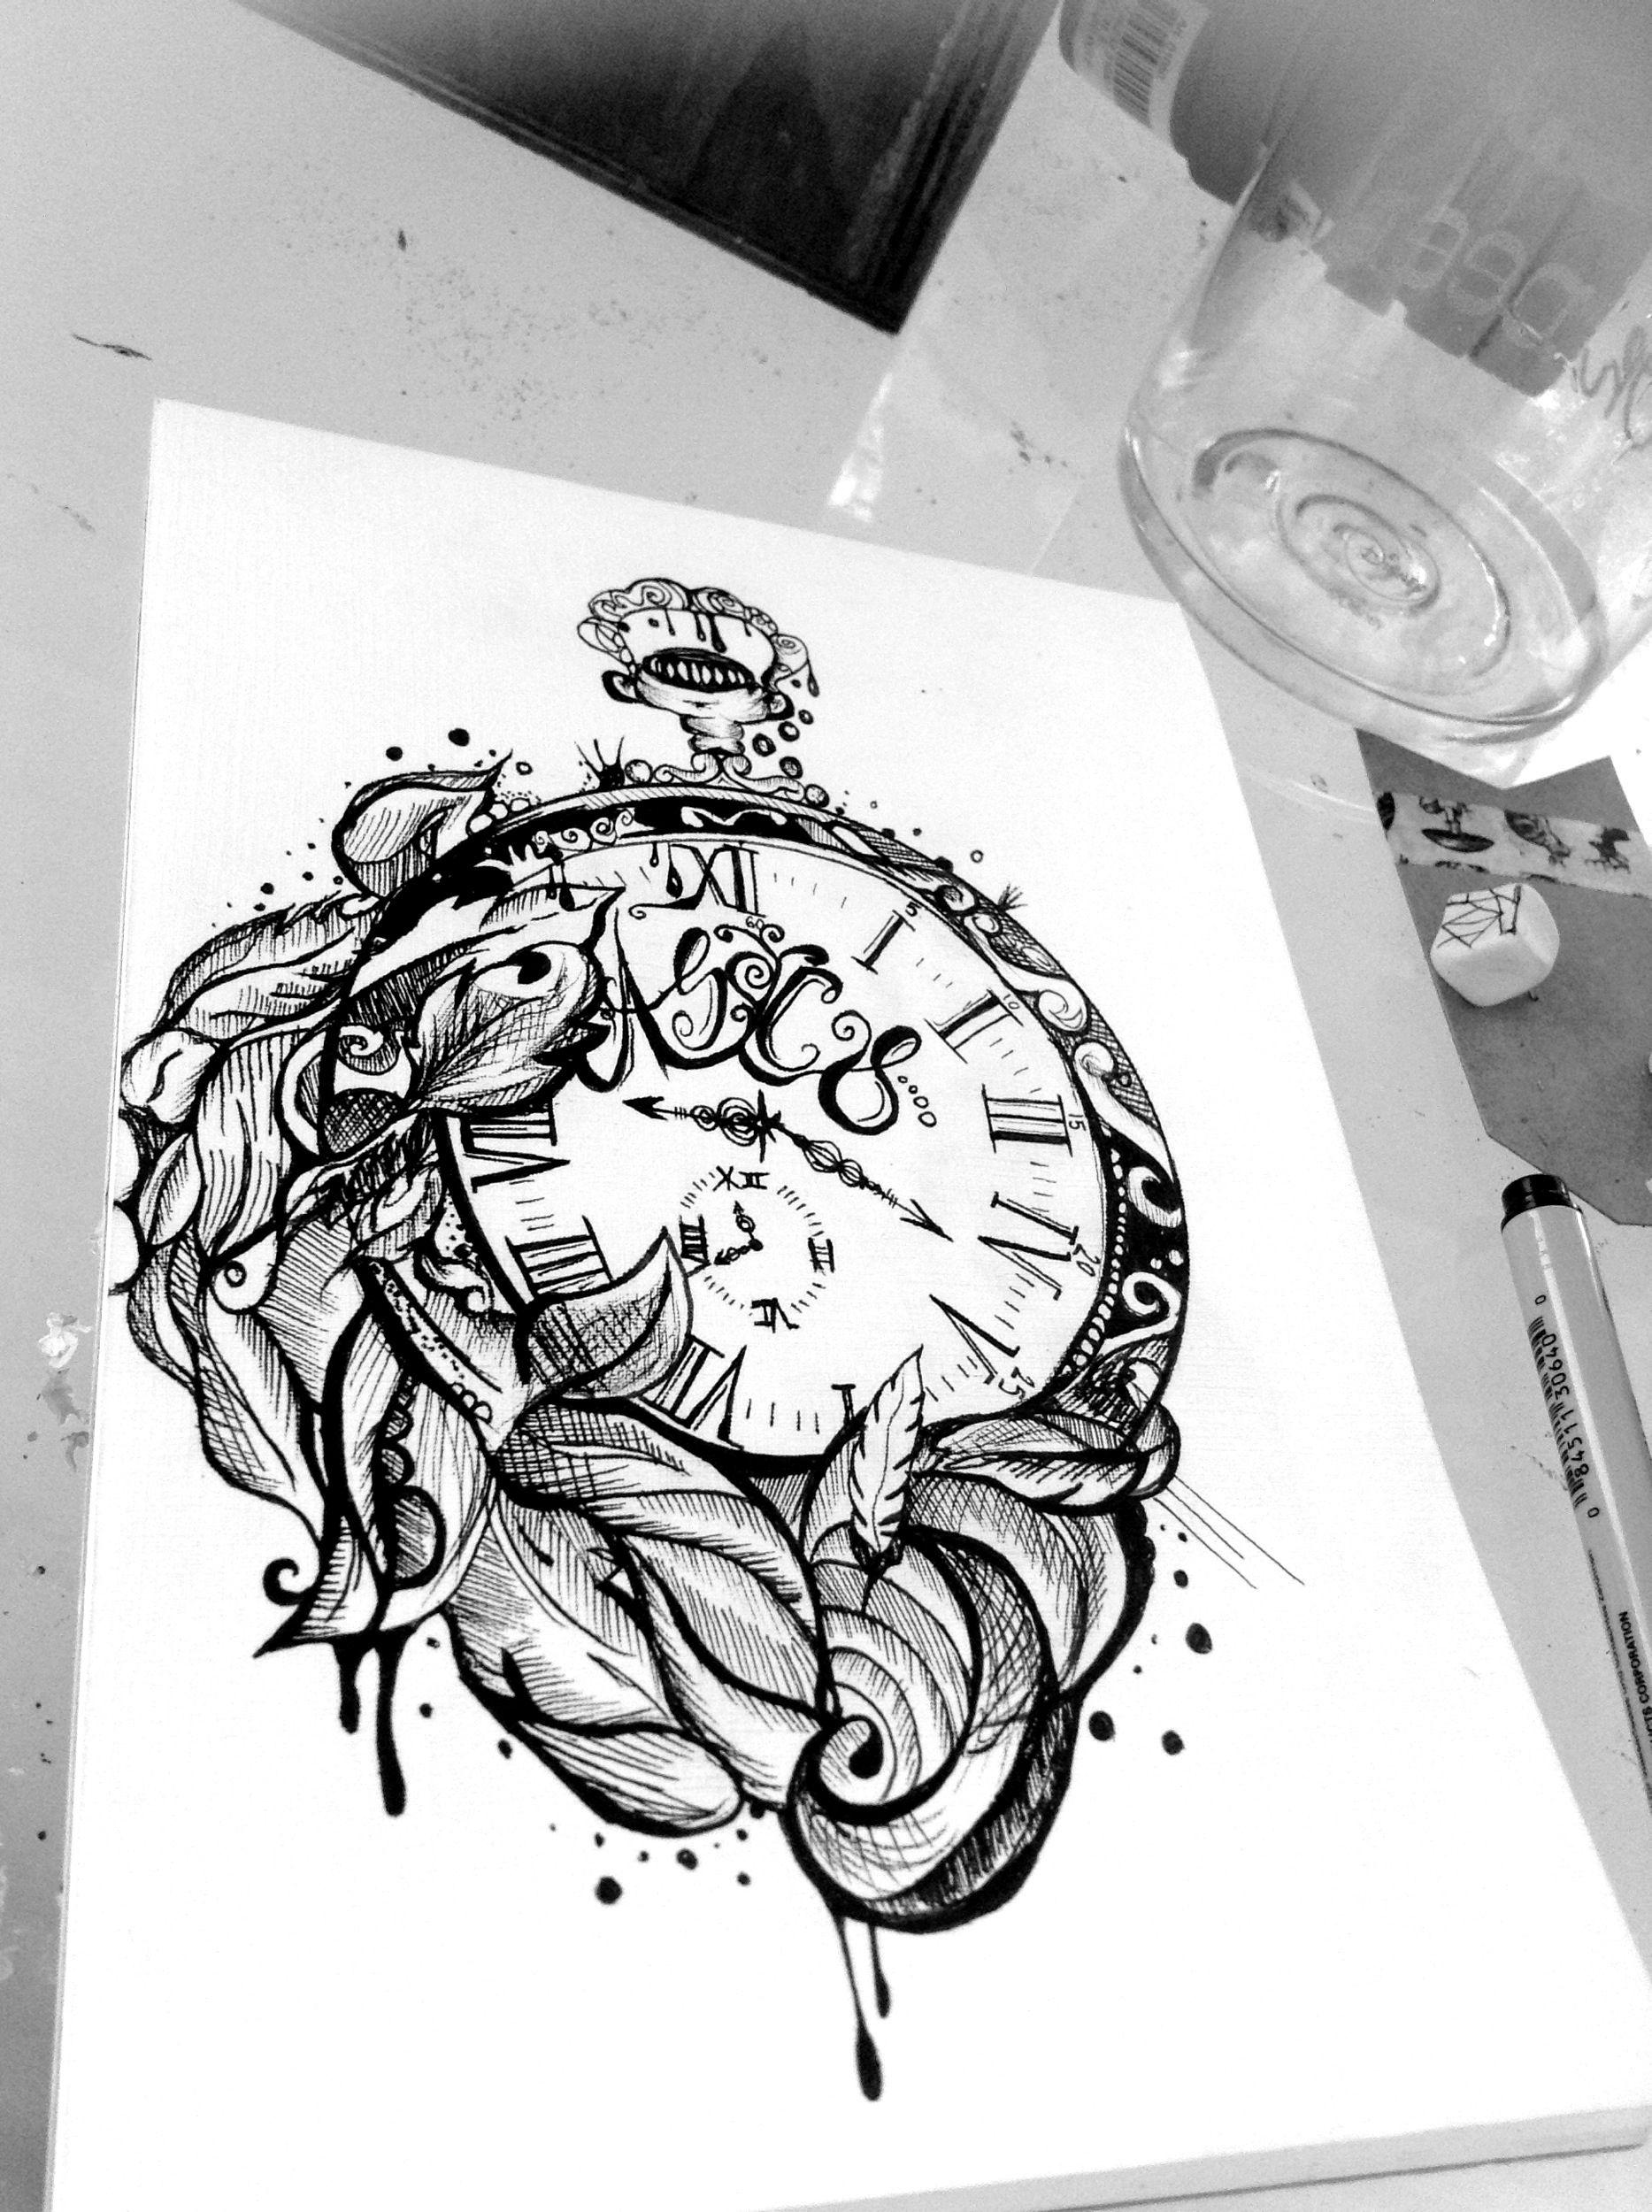 Pin By Bella Oppenheim On Ink Clock Tattoo Design Clock Tattoo Time Tattoos